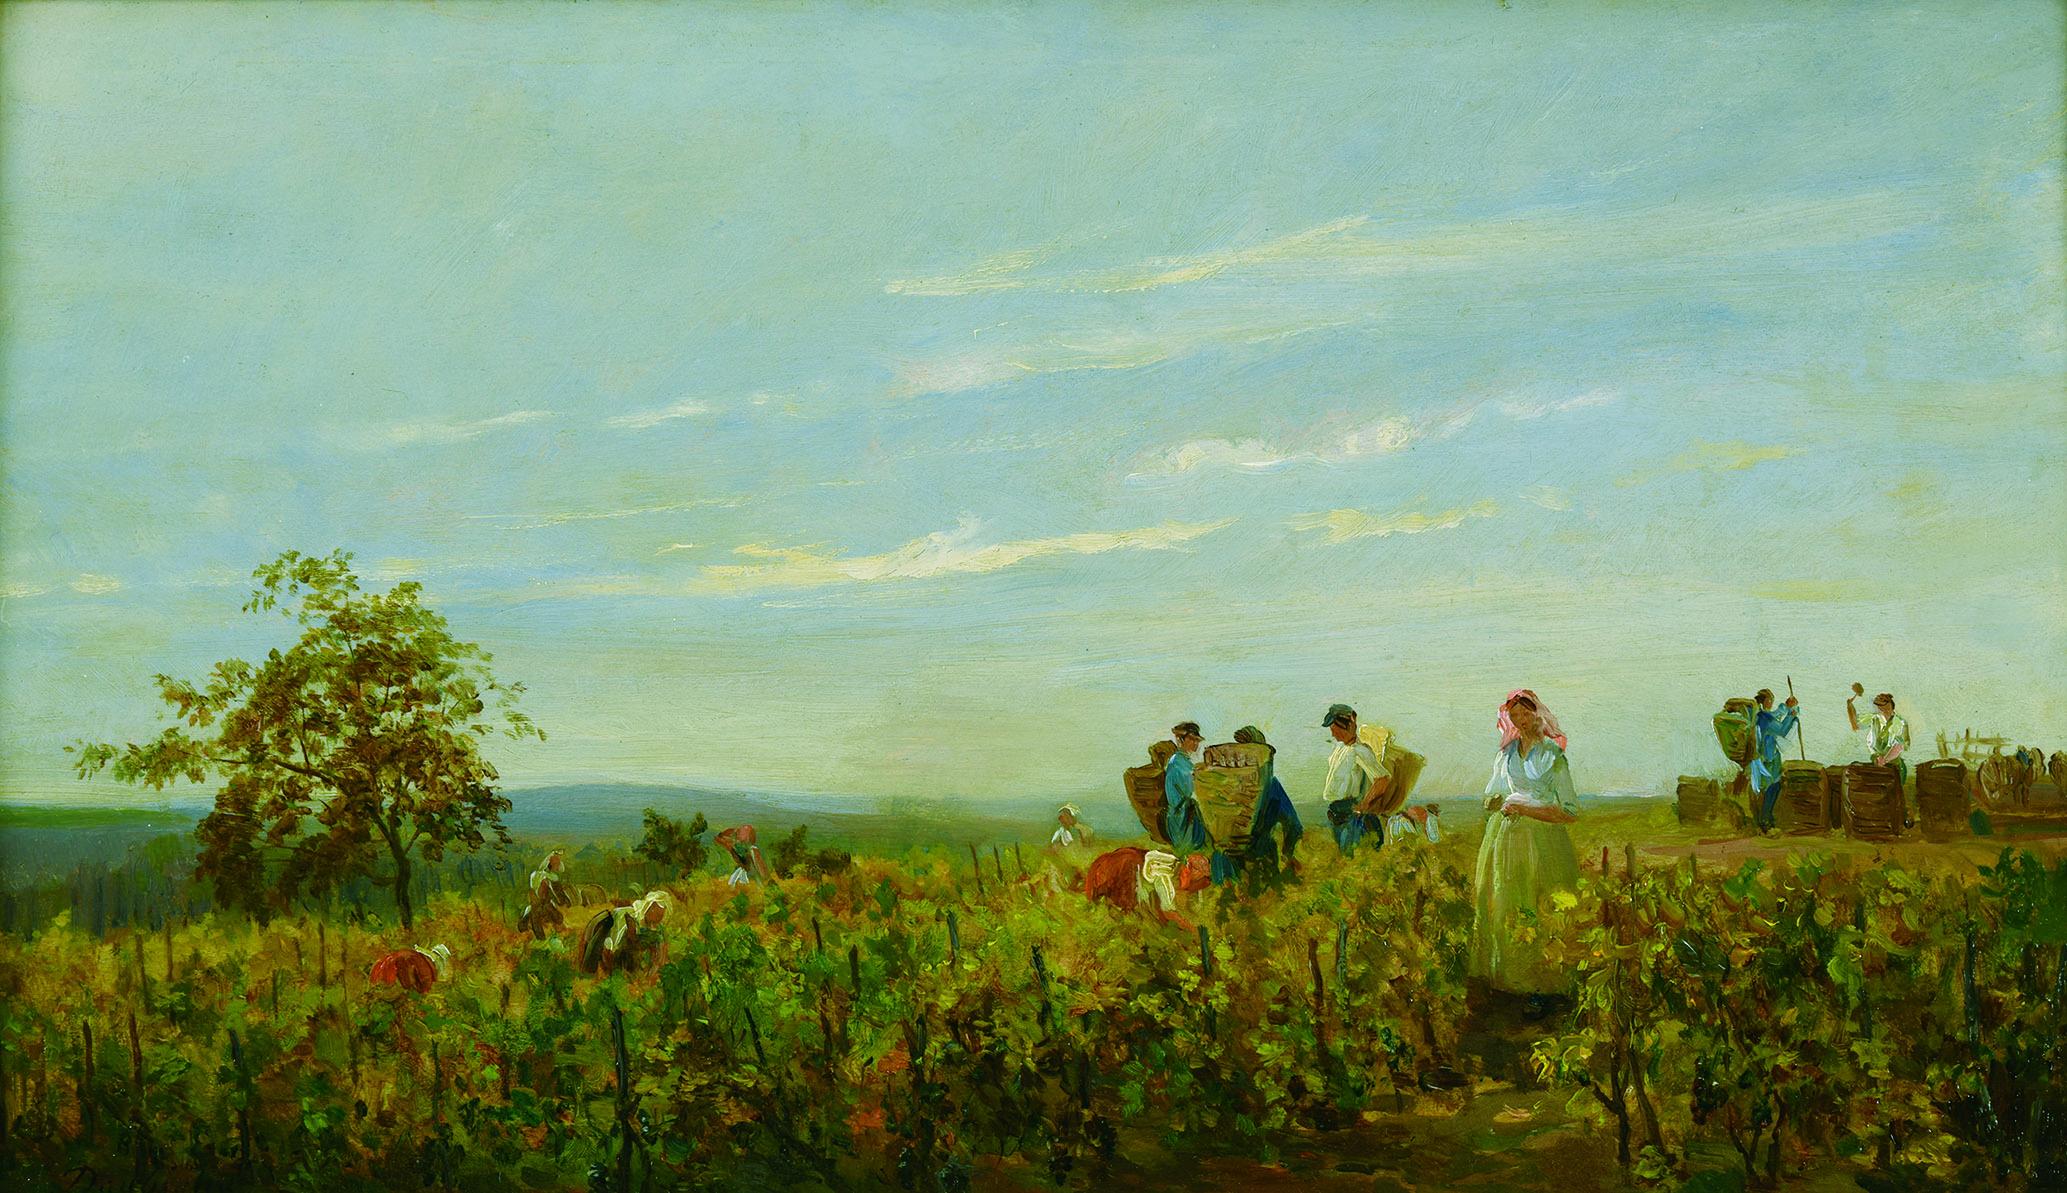 シャルル=フランソワ・ドービニー 《ブドウの収穫》 1863年頃 油彩/板 24.5×42.3㎝ フランス、個人蔵 (C)Christian Devleeschauwer